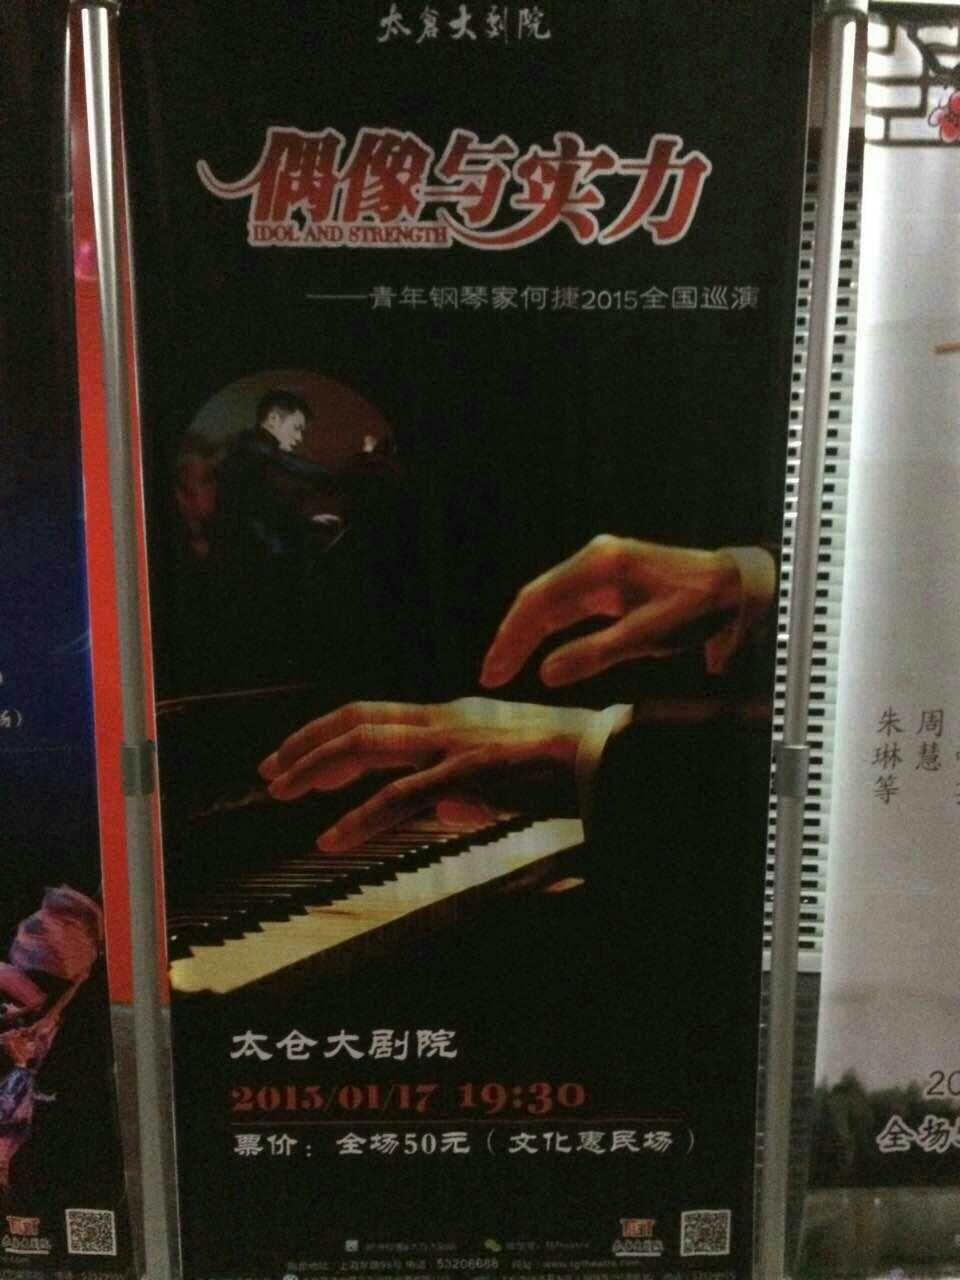 何捷为观众献上了《李斯特西班牙狂想曲》《前奏曲两首1,筝箫吟2,幽谷图片